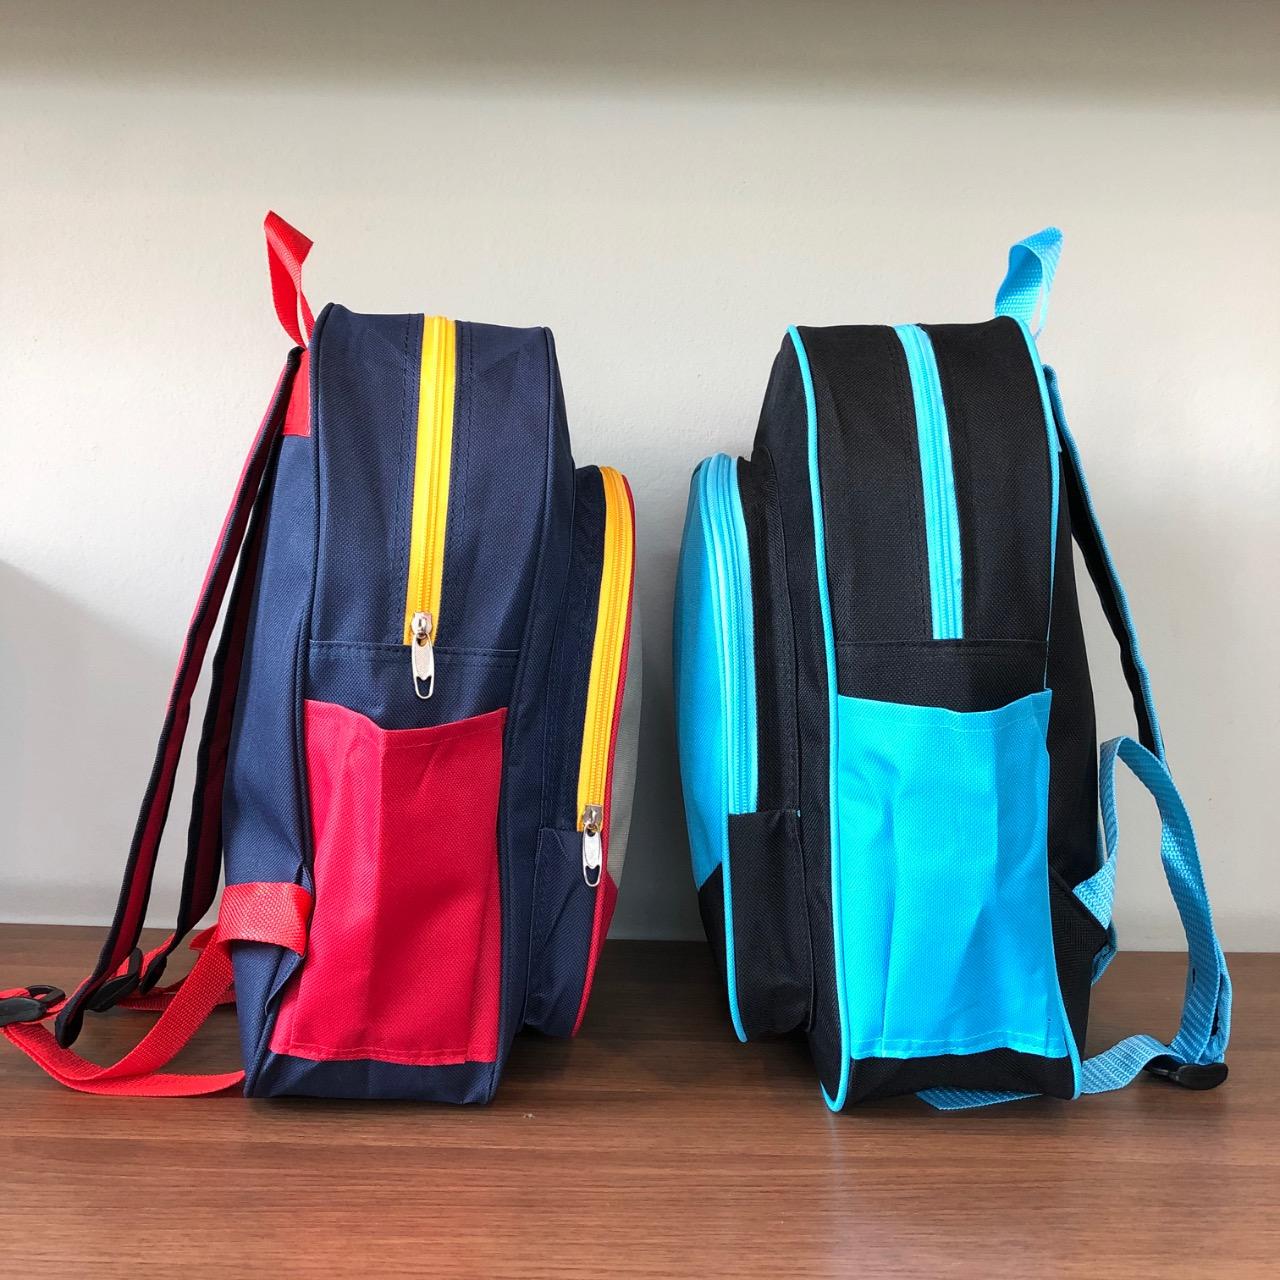 กระเป๋านักเรียน เป้นักเรียน SC 035